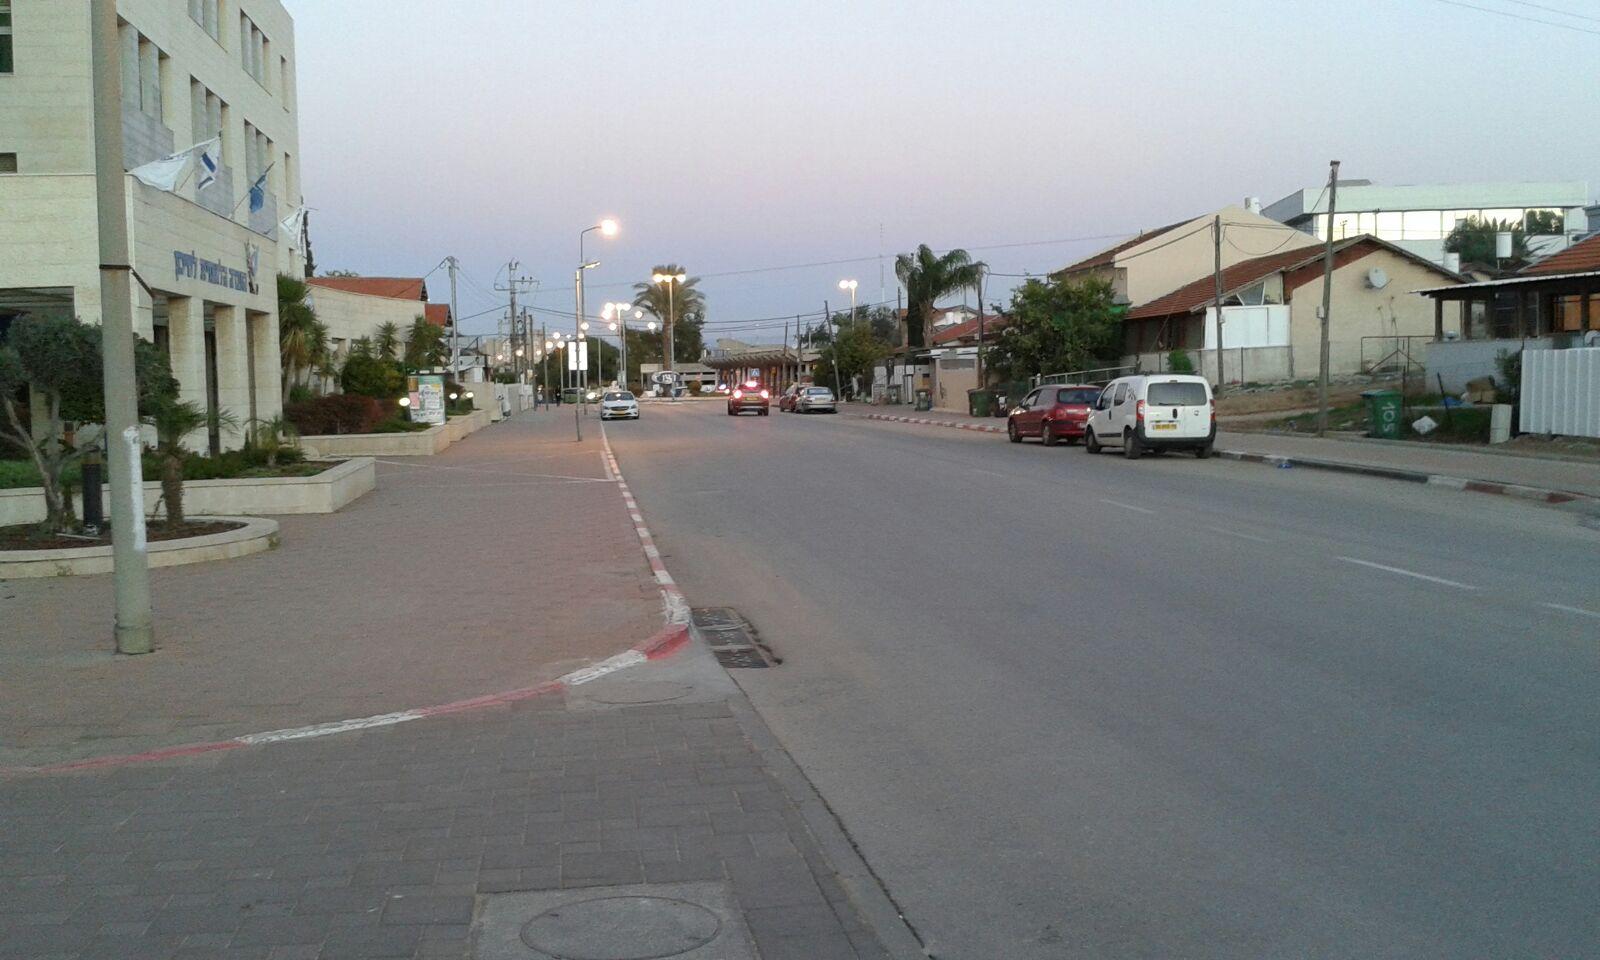 ... ein minimaler Eindruck von der Stadt